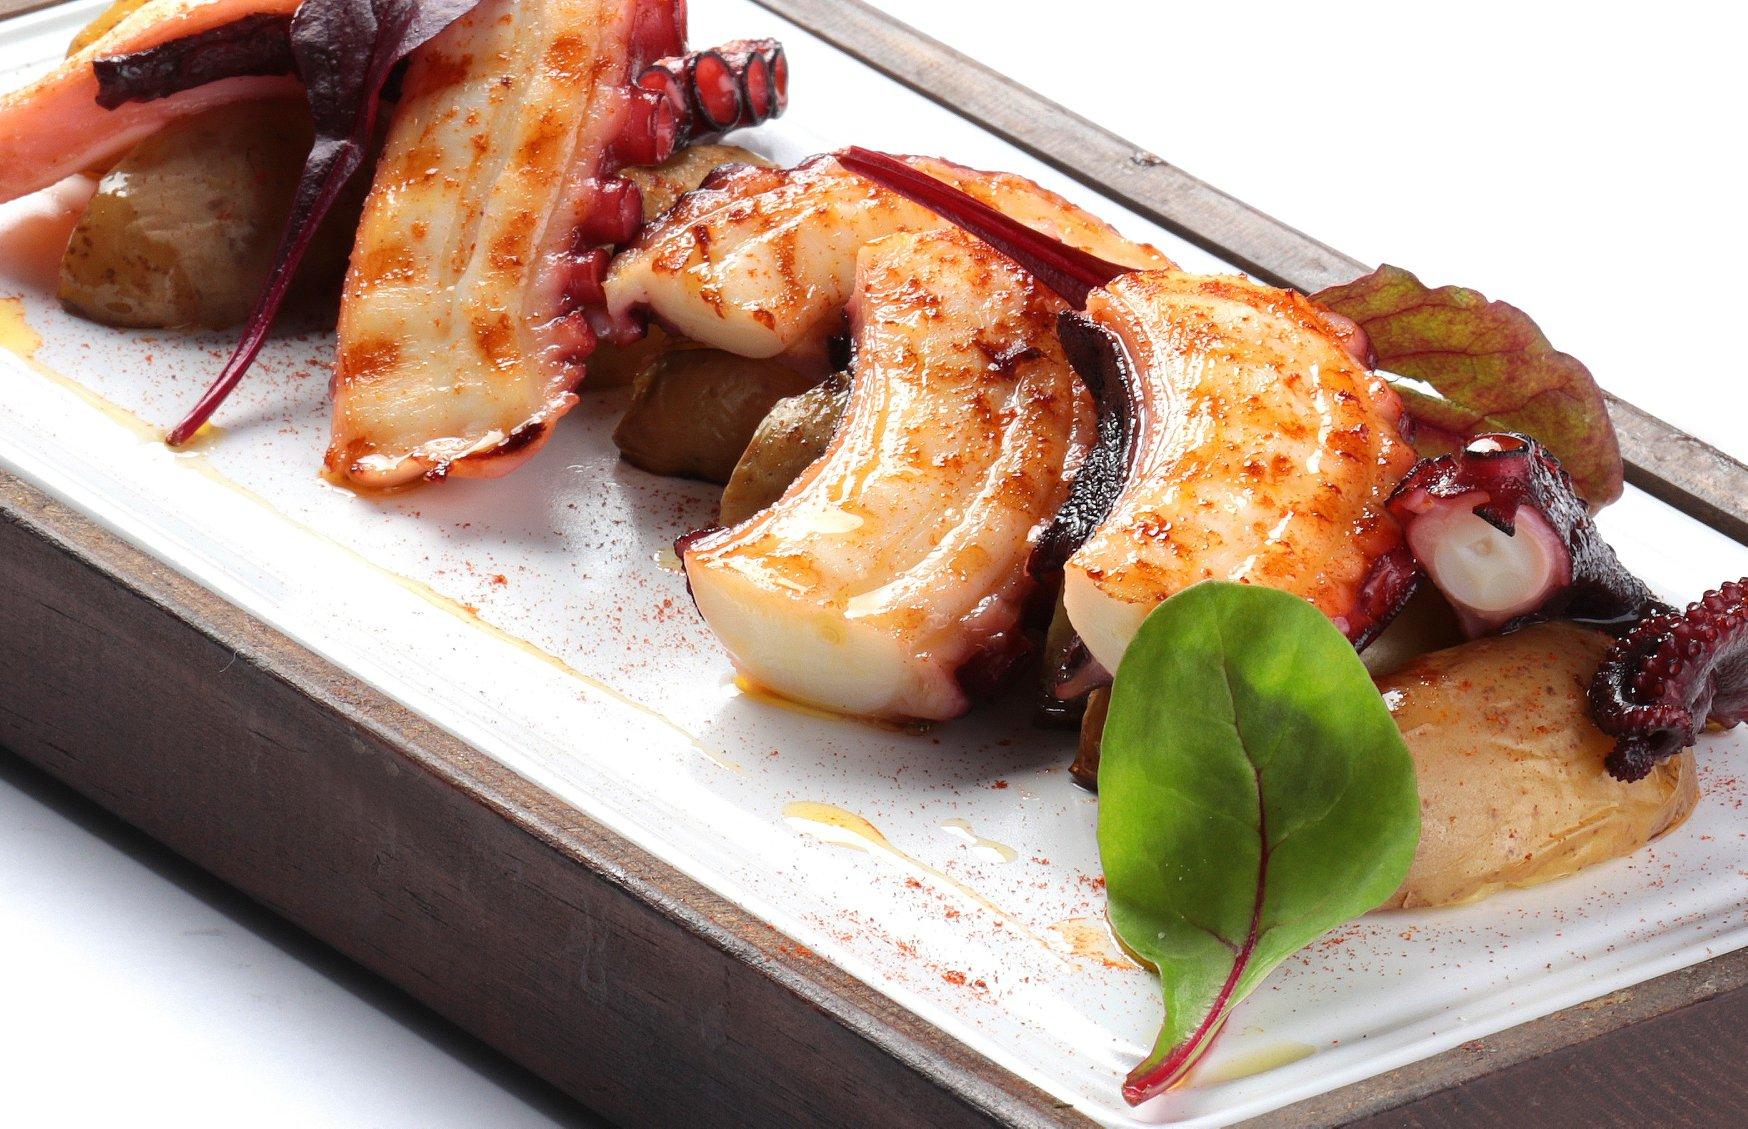 platos picates - Los ingredientes picantes más utilizados en la cocina italiana